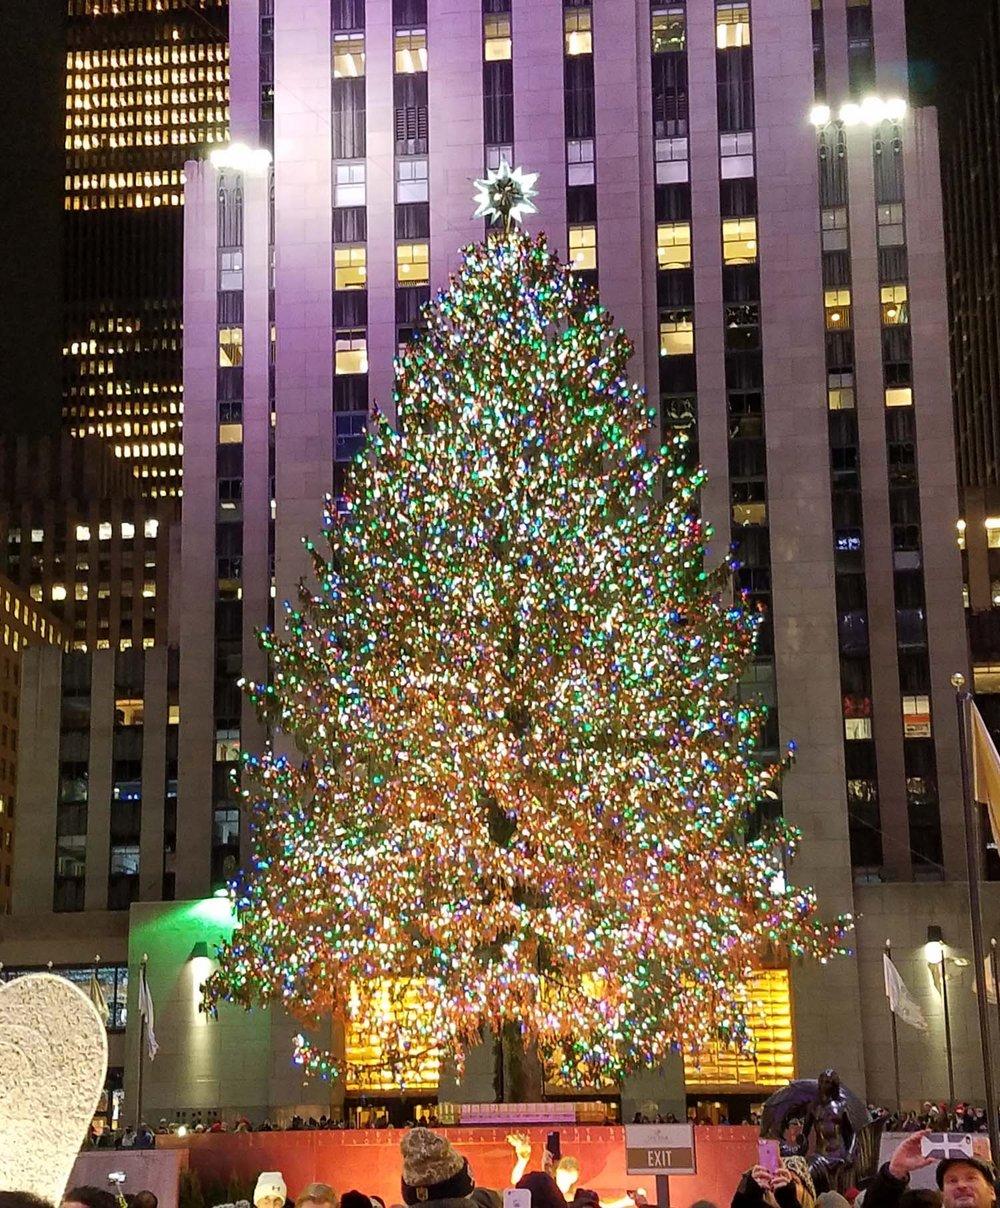 The Rockefeller Center Christmas Tree, New York City, 2016